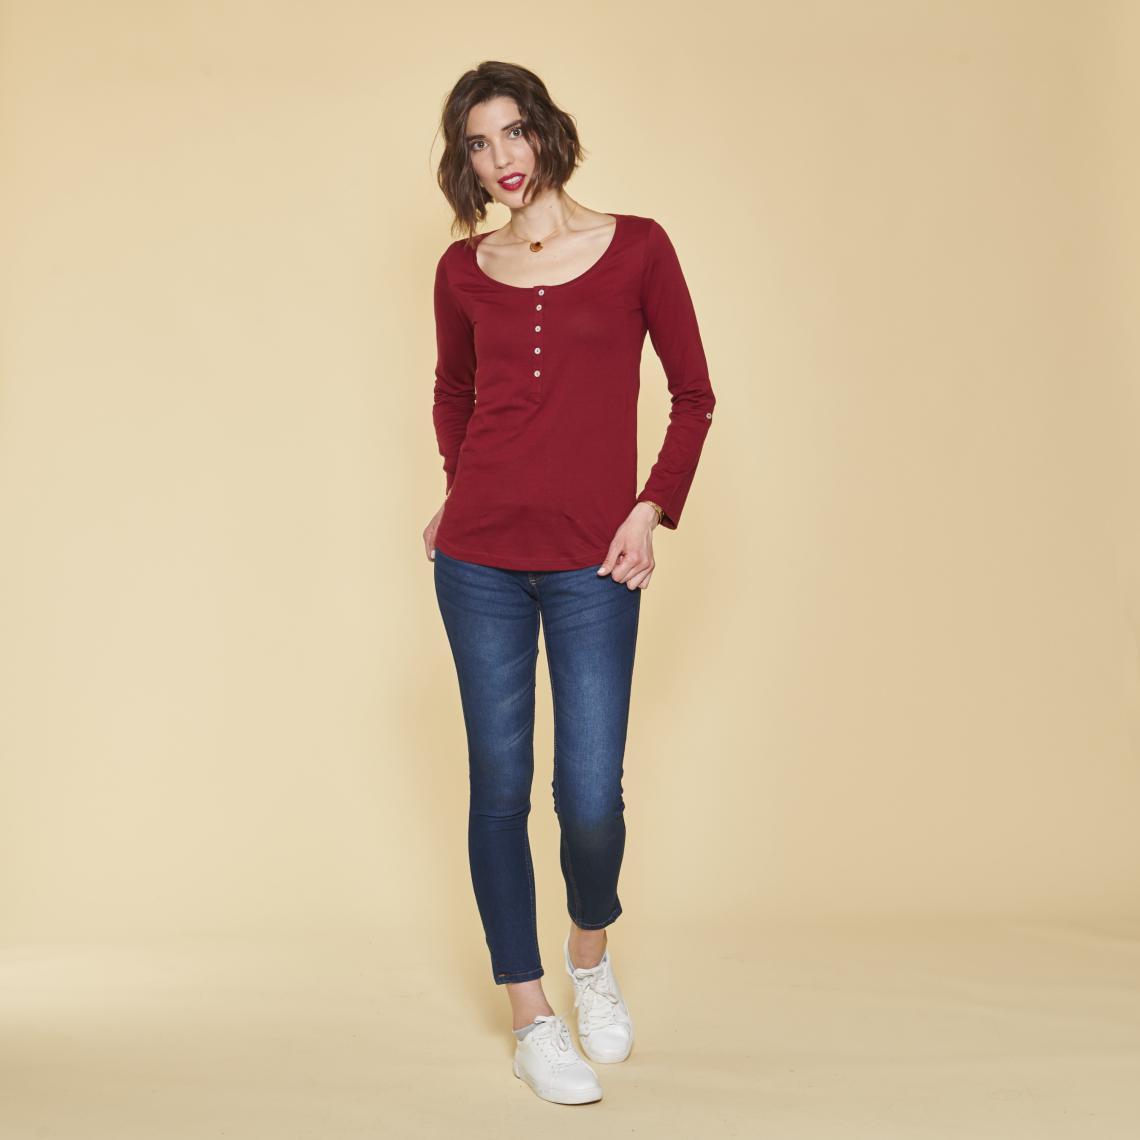 Promo : Tee-shirt manches longues boutons en nacre - Rouge Grenat - 3 SUISSES - Modalova